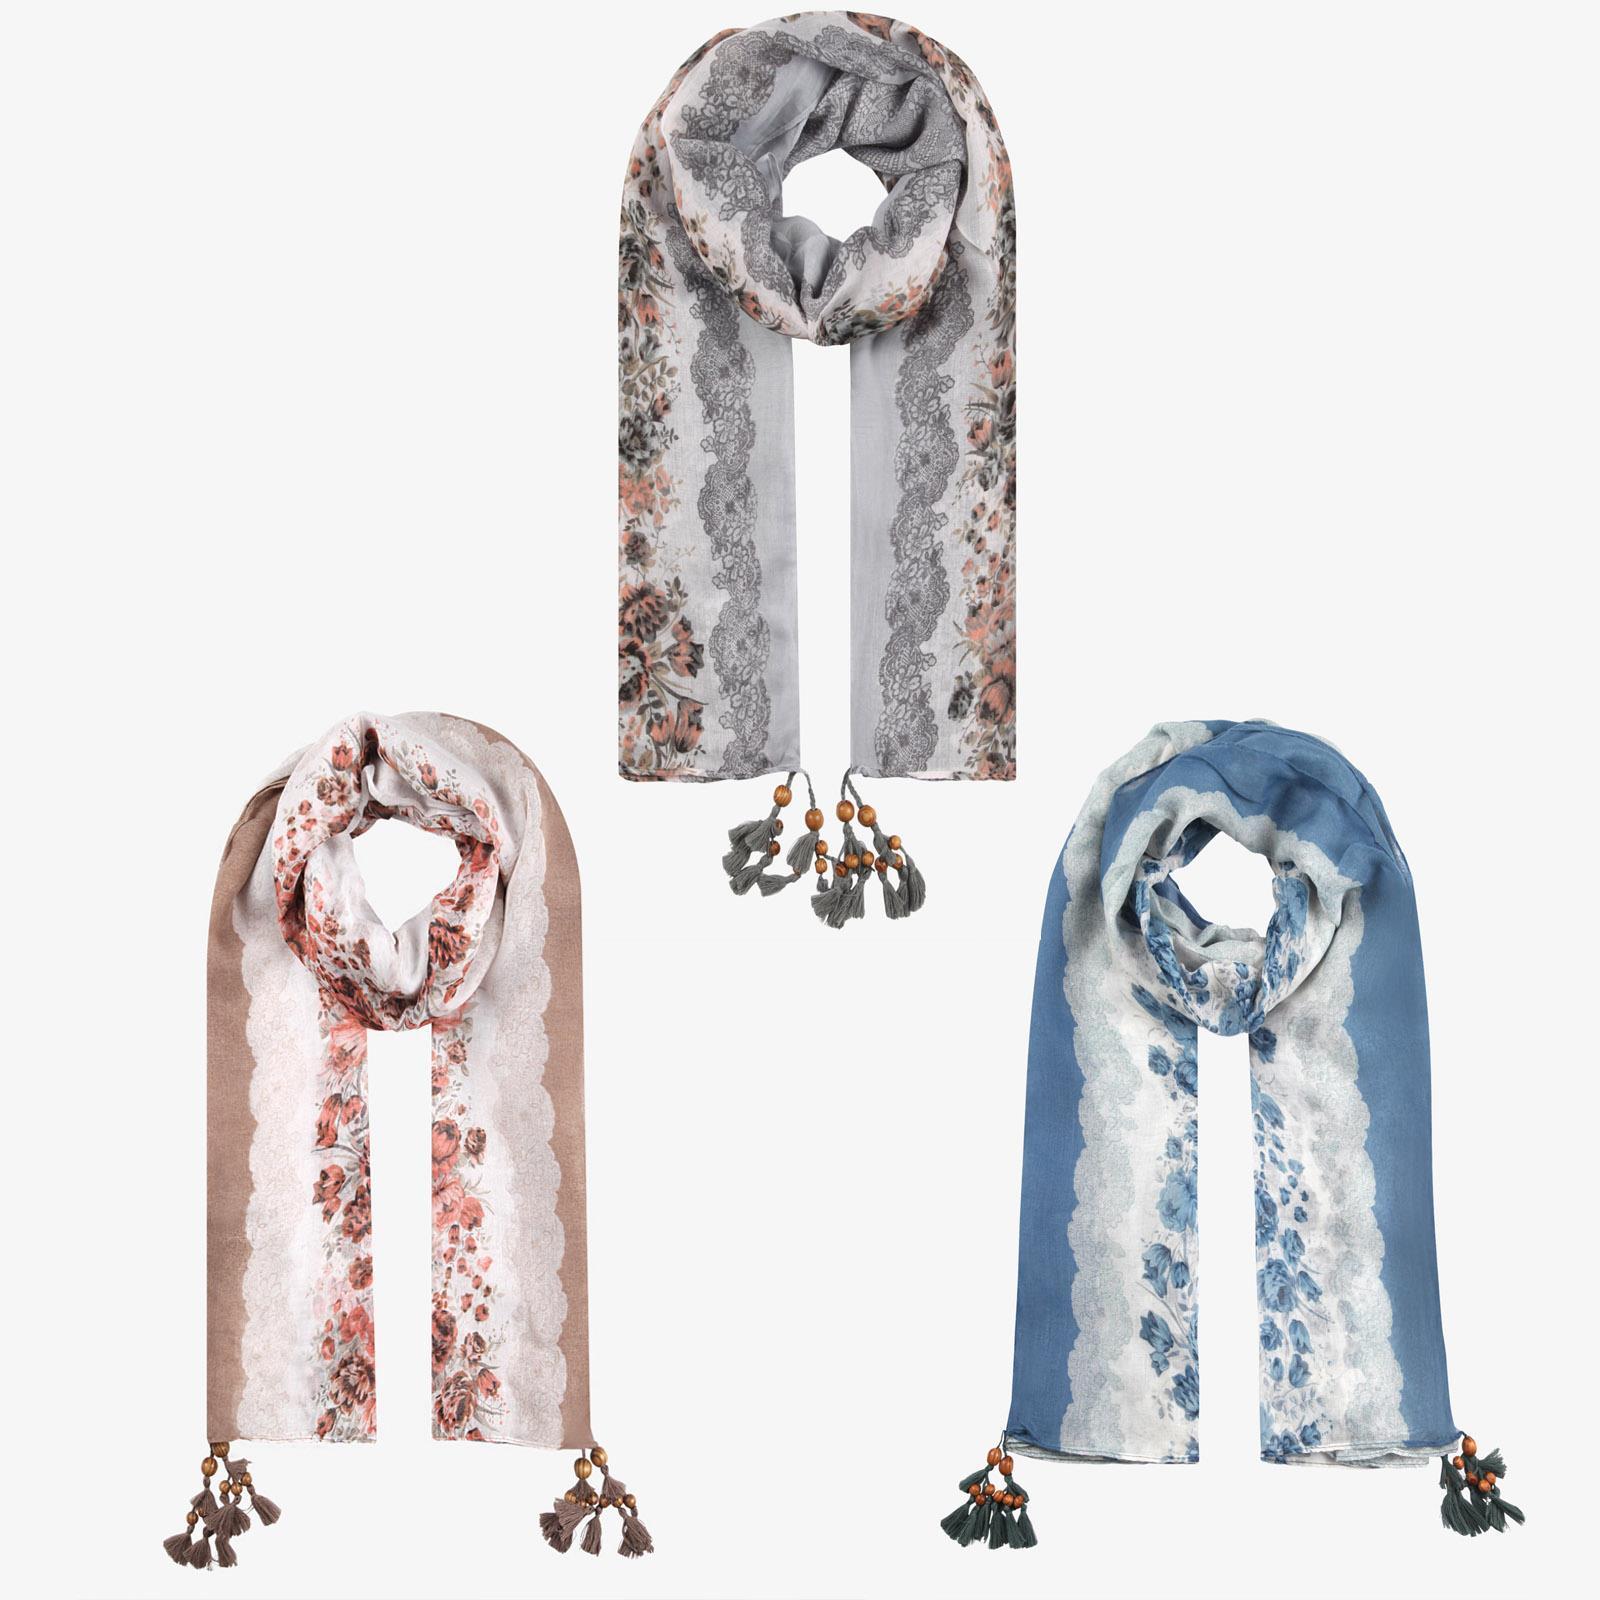 profiter de gros rabais vente au royaume uni Royaume-Uni Détails sur Foulard Femme Fleuri Floral Chic Cheveaux Solde Eté Franges  Tête Châle Solde